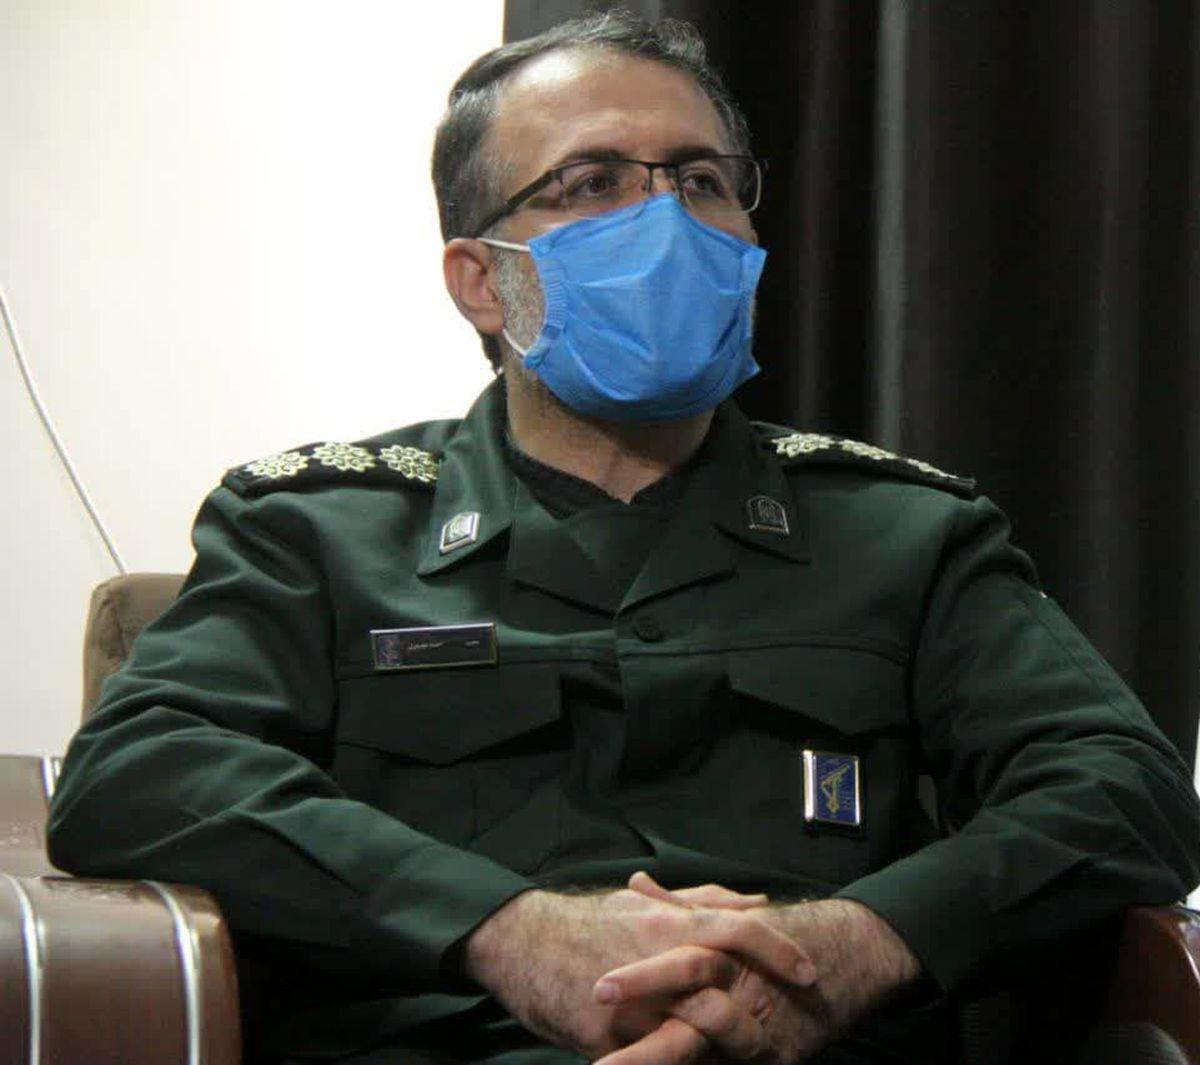 معاونت اجتماعی سپاه قم در ۴ محور اساسی بر مدار کاهش و کنترل آسیبهای اجتماعی حرکت میکند